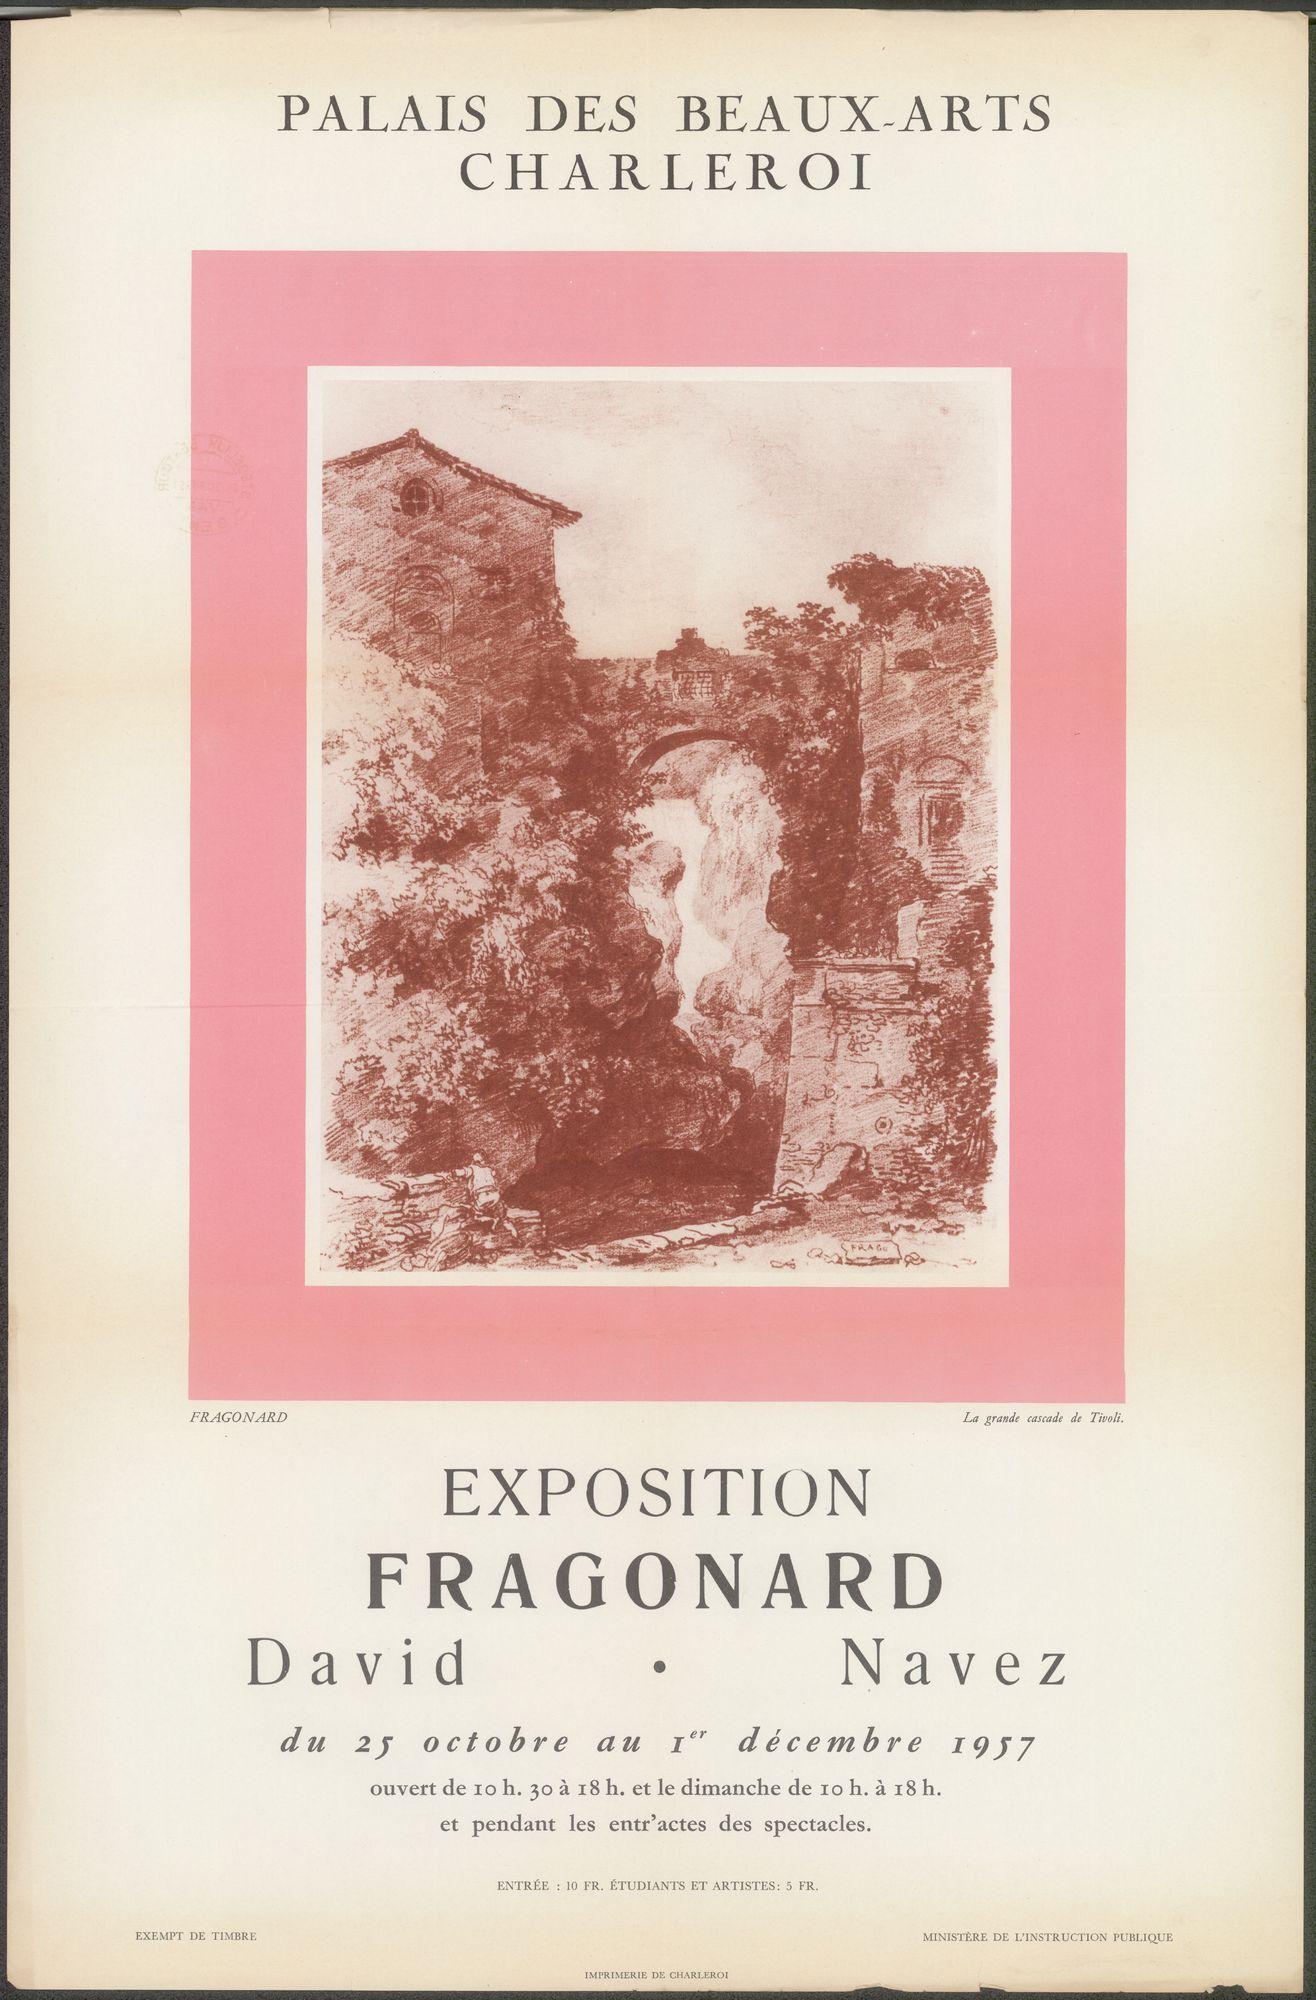 Exposition Fragonard, David, Navez, Ministère de l'Instruction Publique, Palais des Beaux-Arts, Charleroi, 25 oktober - 1 december 1957